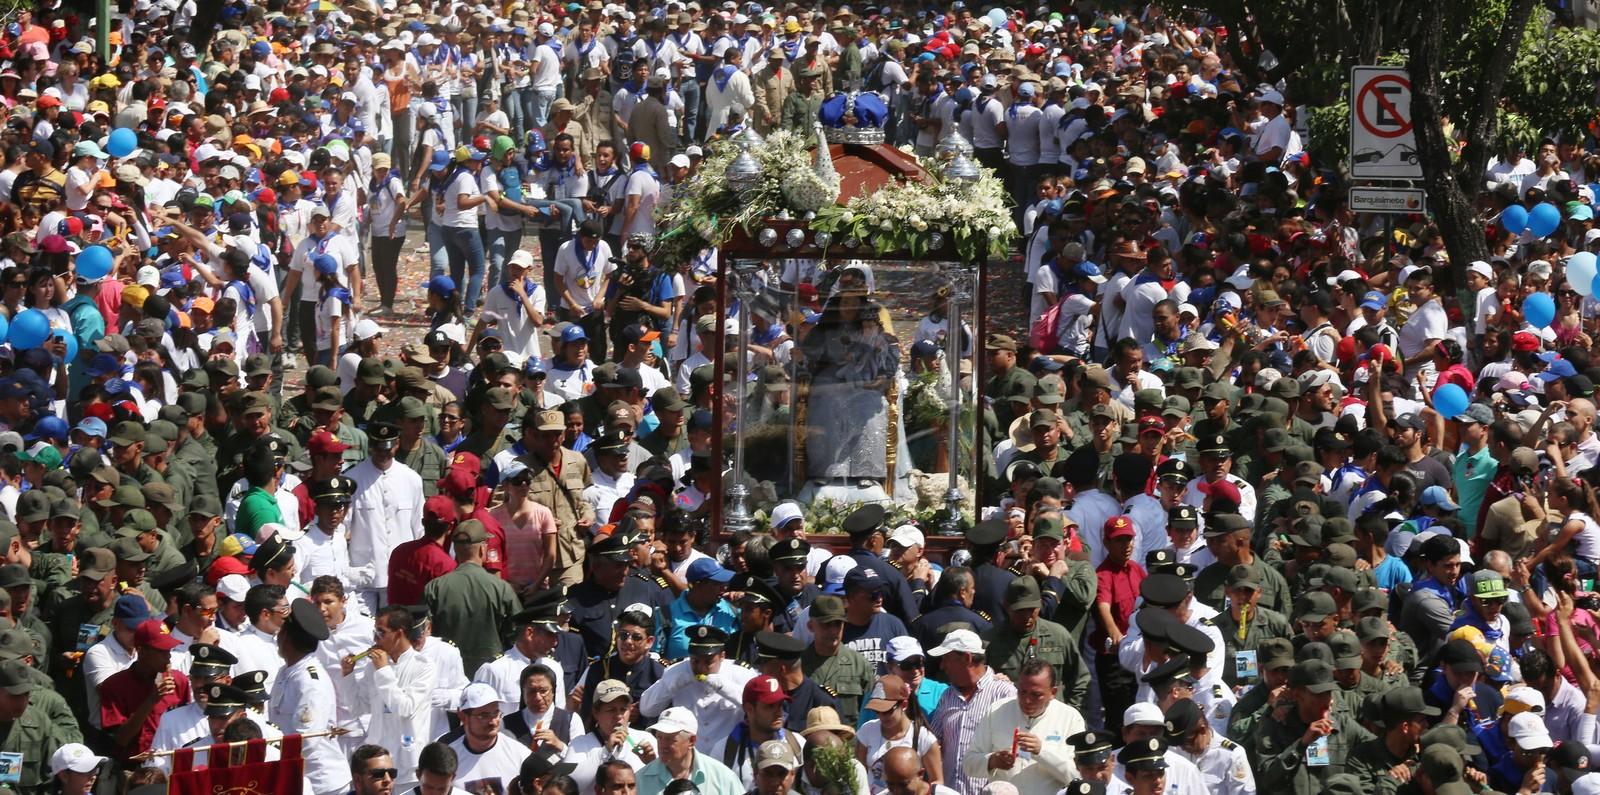 ¿Quién no va a la Impresionante Procesión del 14?: Divina Pastora de Barquisimeto, Venezuela (14 de enero)